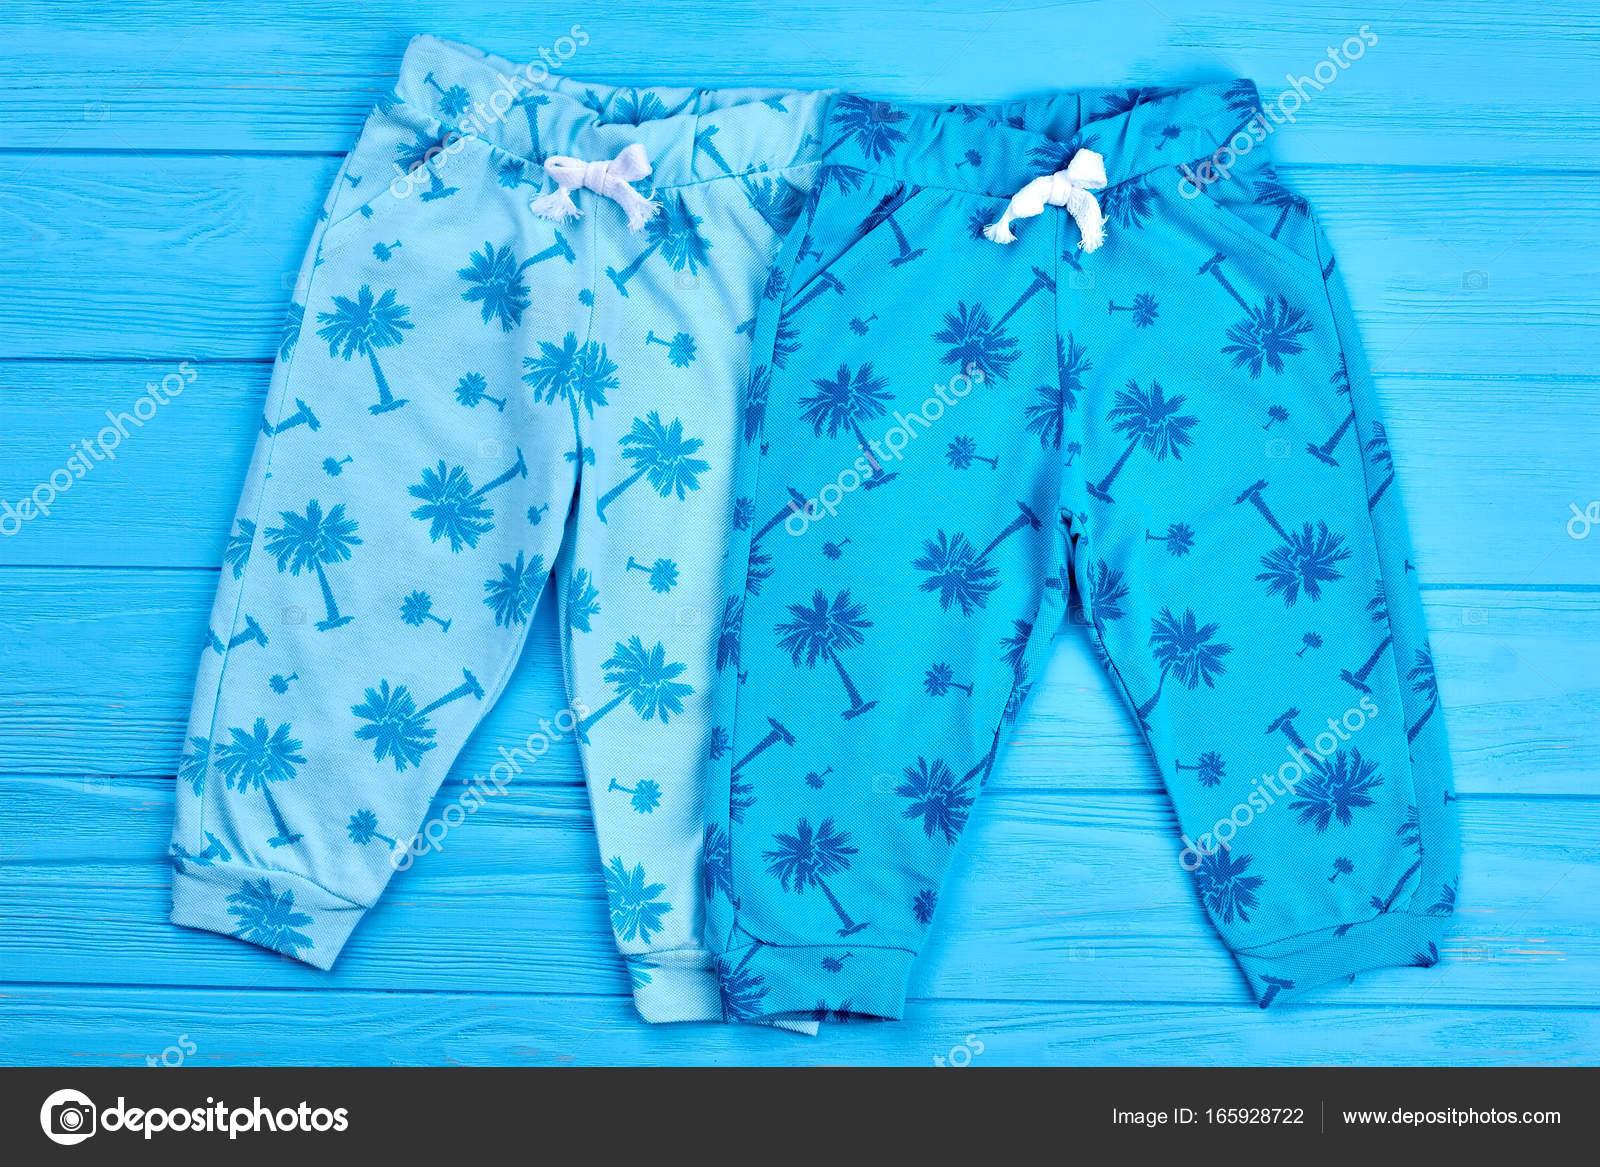 872a5b8f561 Δύο ζεύγη σύγχρονο Παιδικό παντελόνι. Οργανικό βαμβάκι παιδικά ρούχα.  Κλωστοϋφαντουργικών τσέπη λίγο παντελόνια για αγόρια και κορίτσια — Εικόνα  από ...